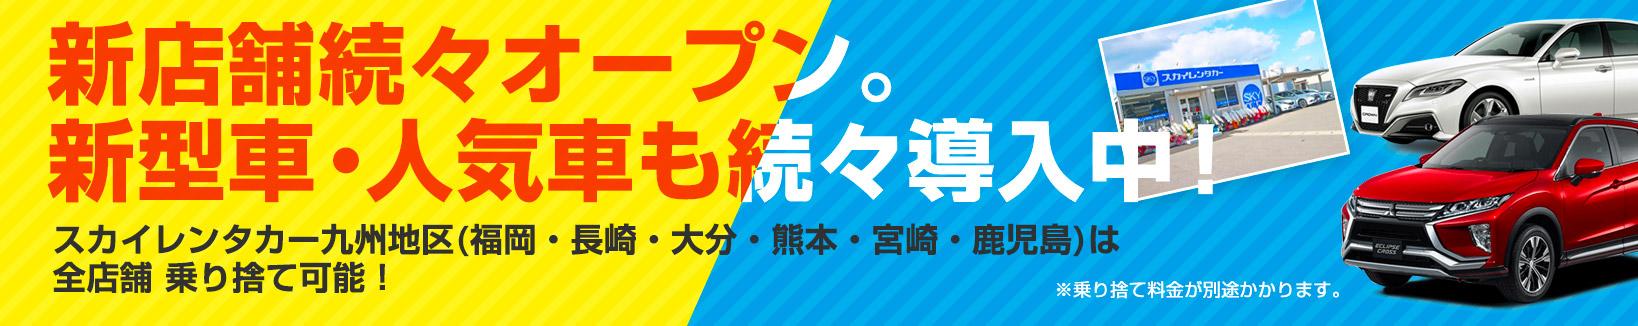 九州地区新店舗続々オープン 新型車・人気車続々入荷中